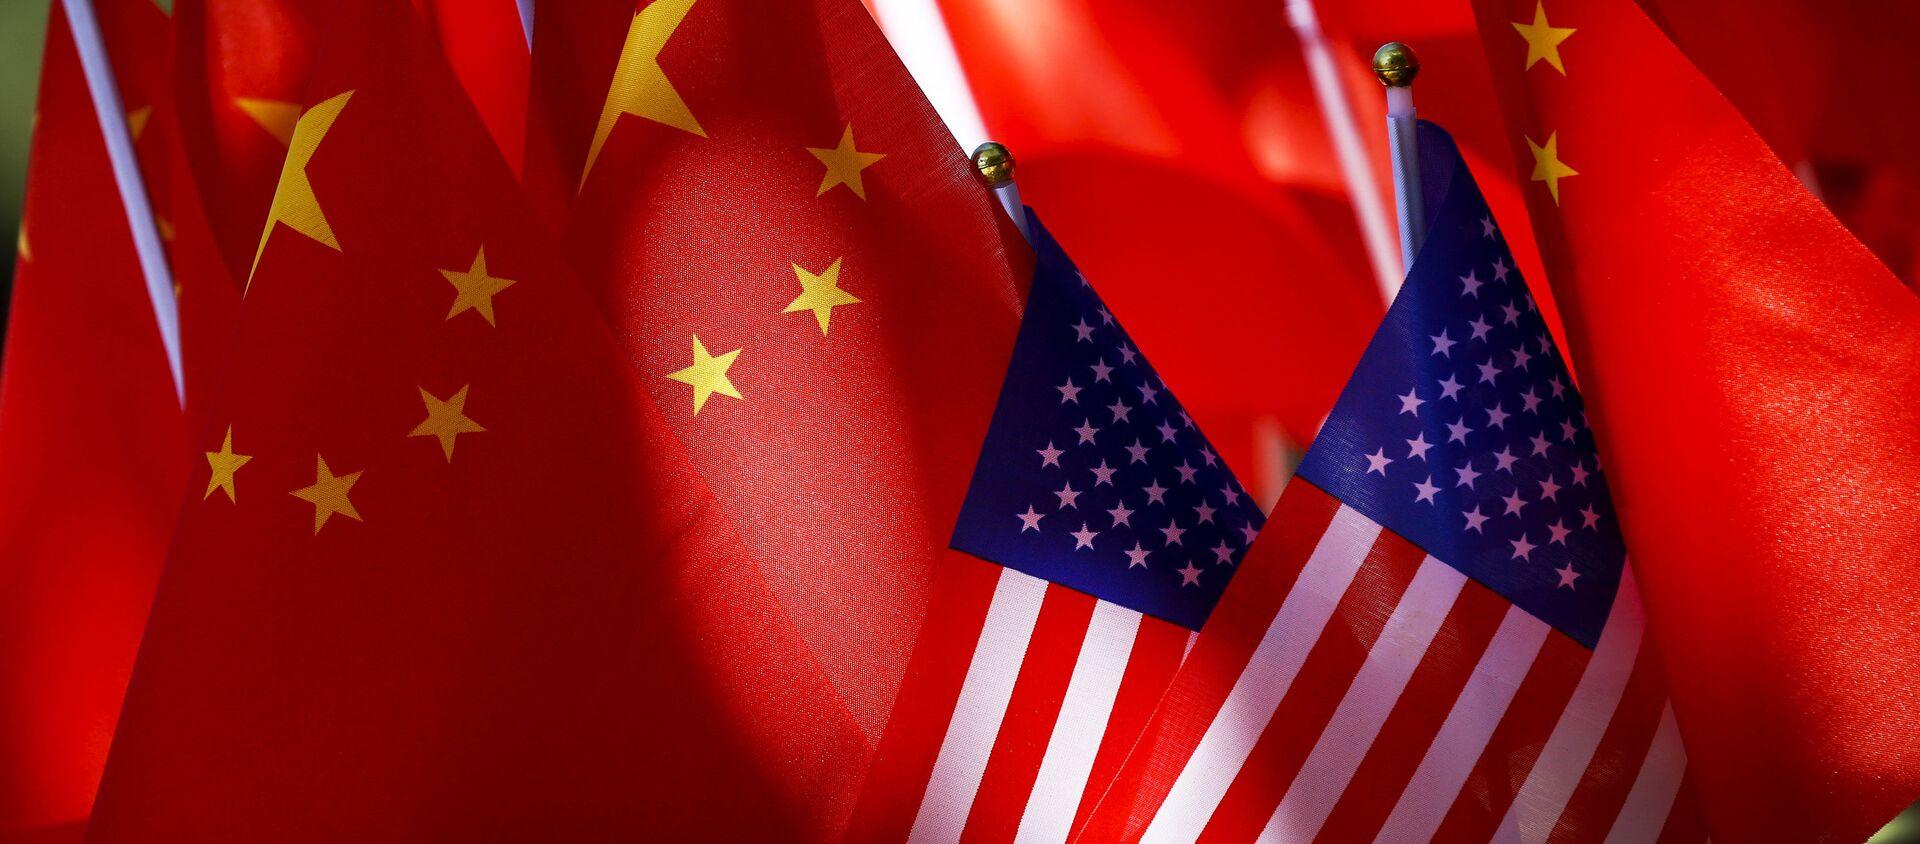 აშშ-სა და ჩინეთის დროშები - Sputnik საქართველო, 1920, 21.06.2021